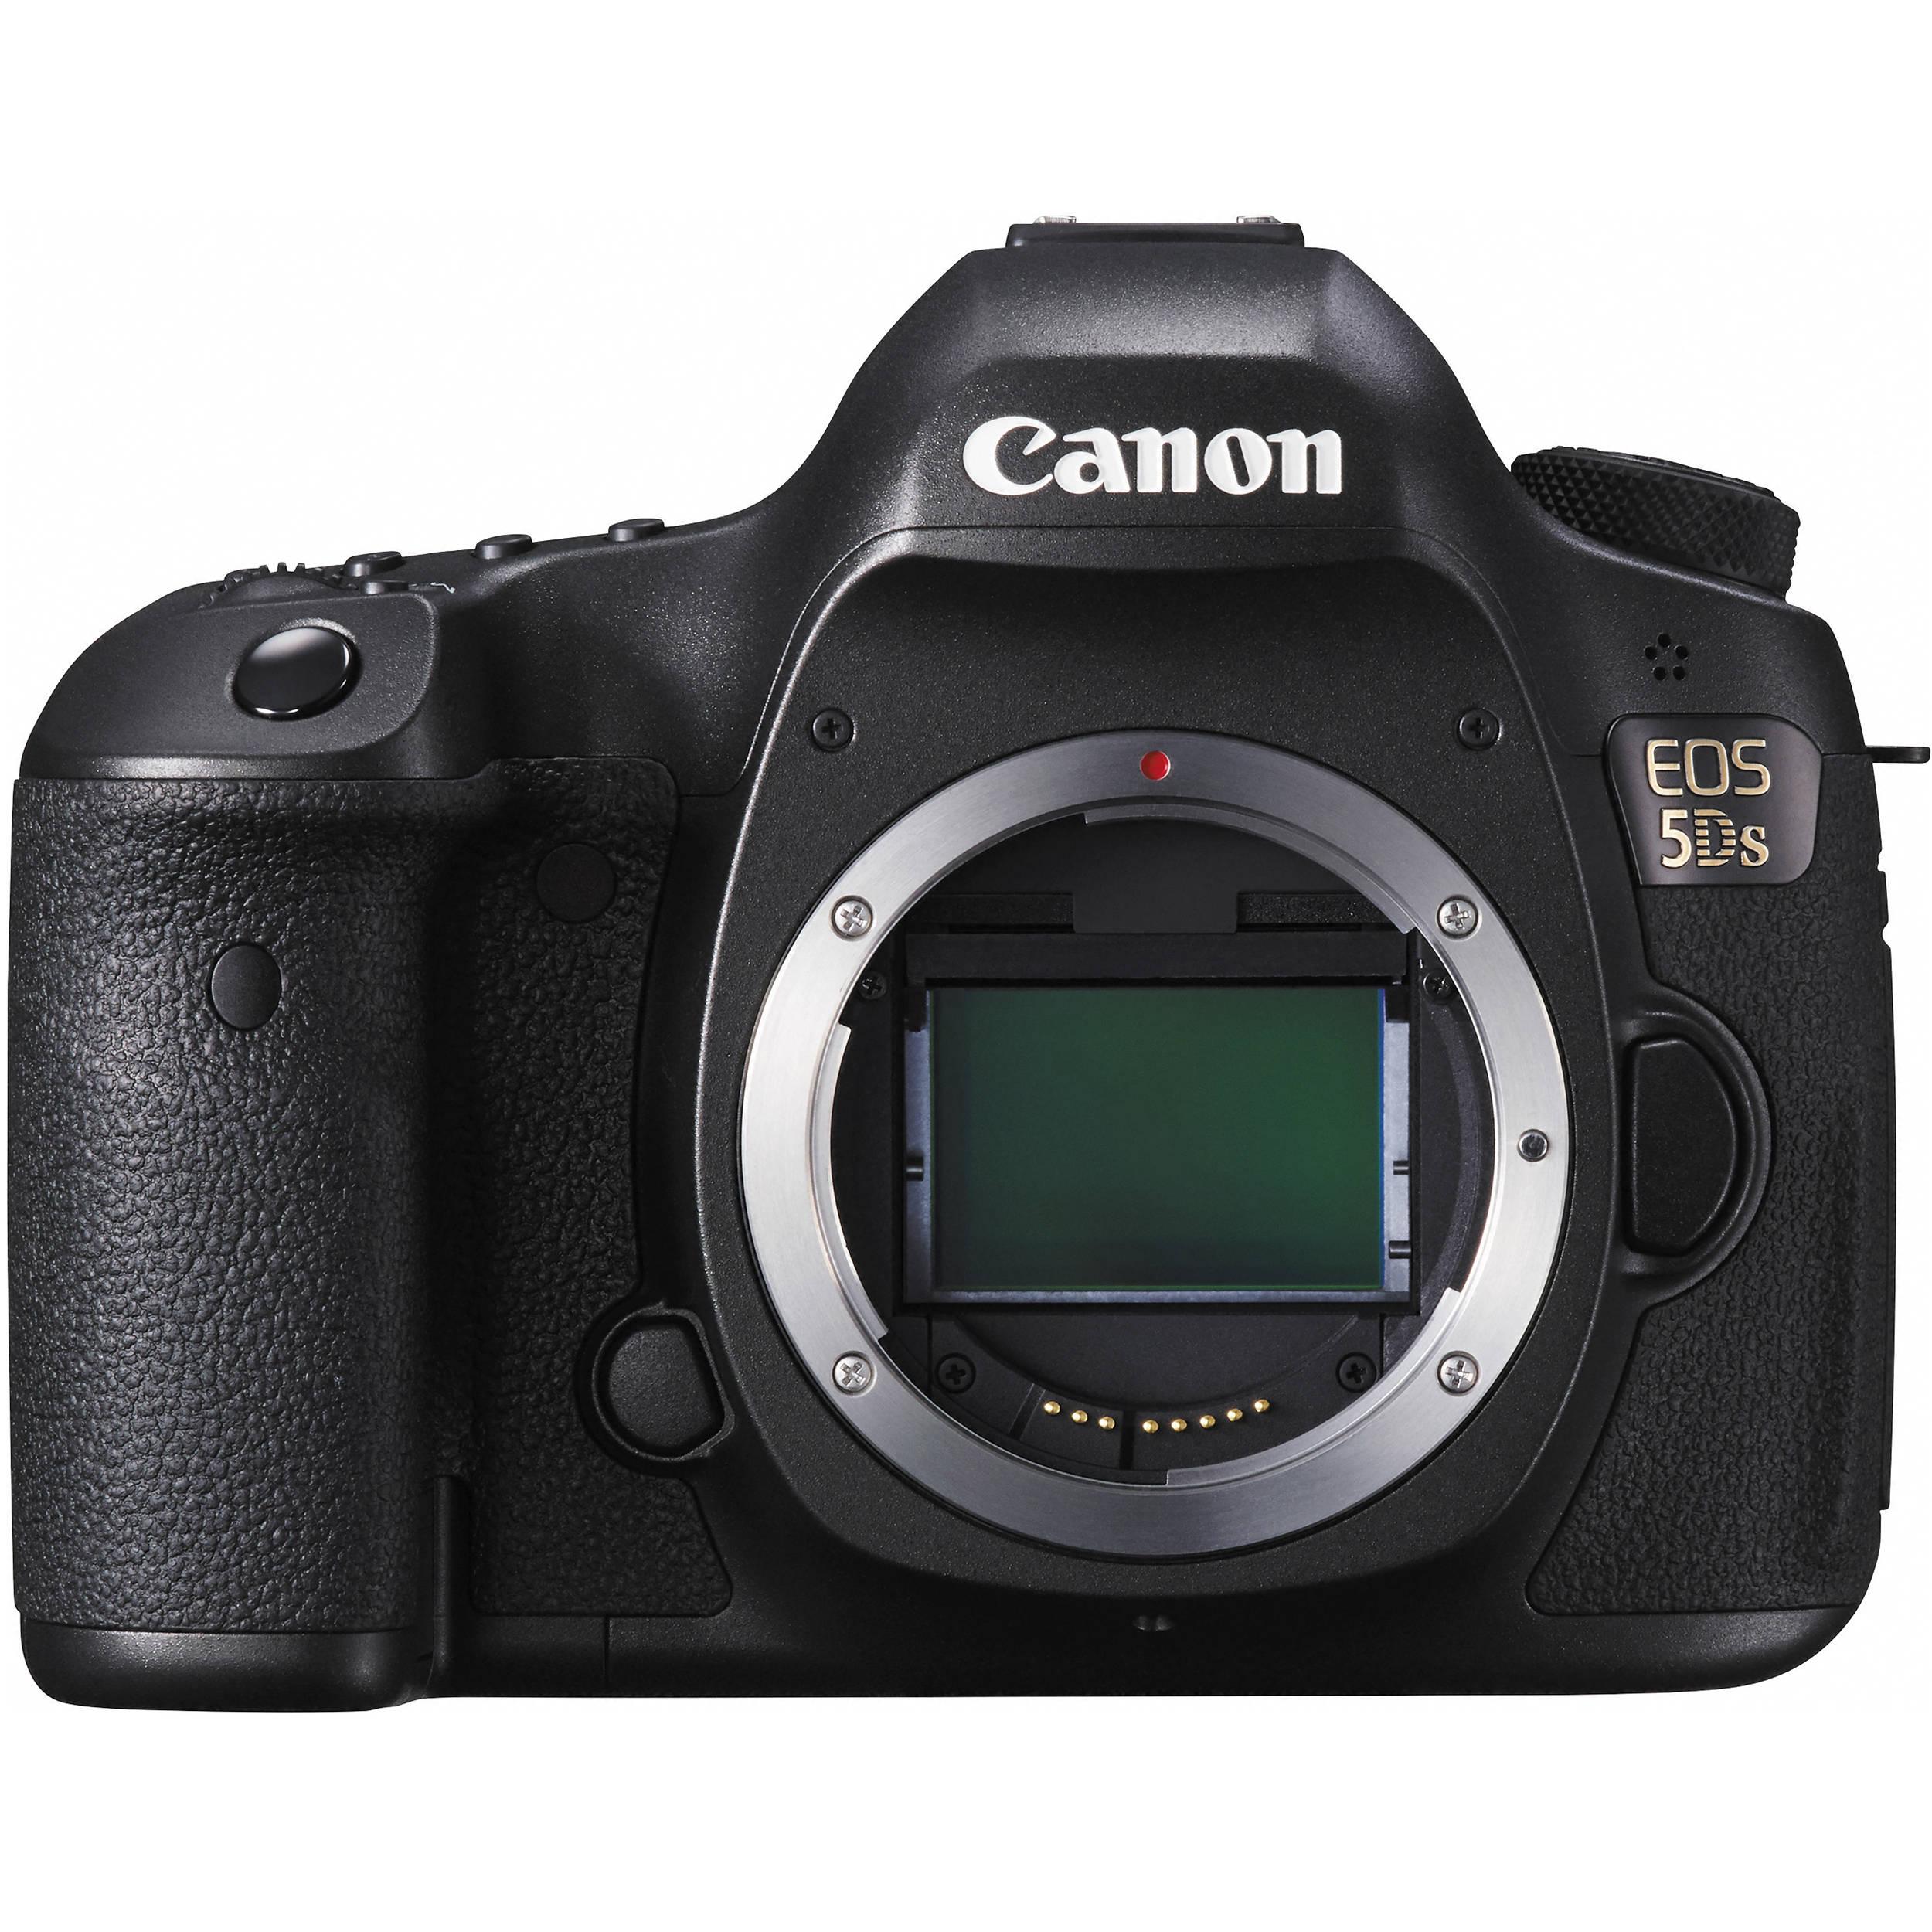 Canon 5ds camera hire